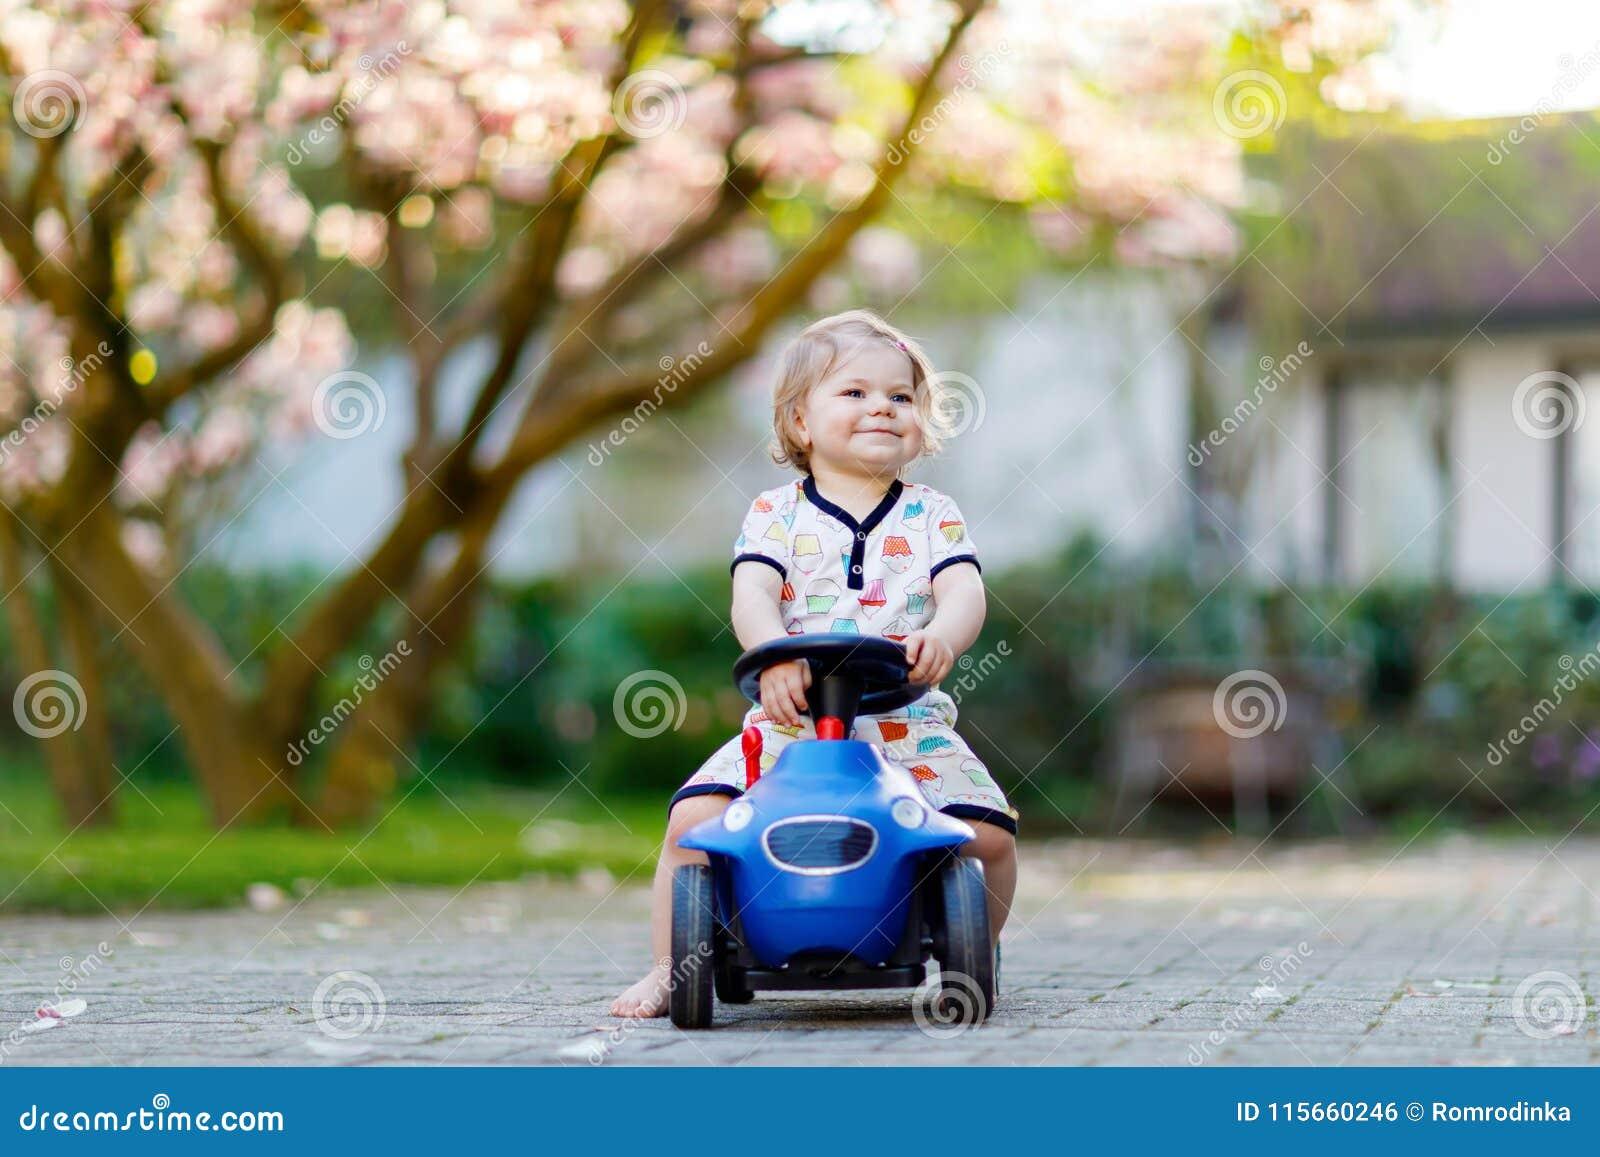 Piccola neonata sveglia che gioca con la piccola automobile blu del giocattolo in giardino della casa o della scuola materna Bell